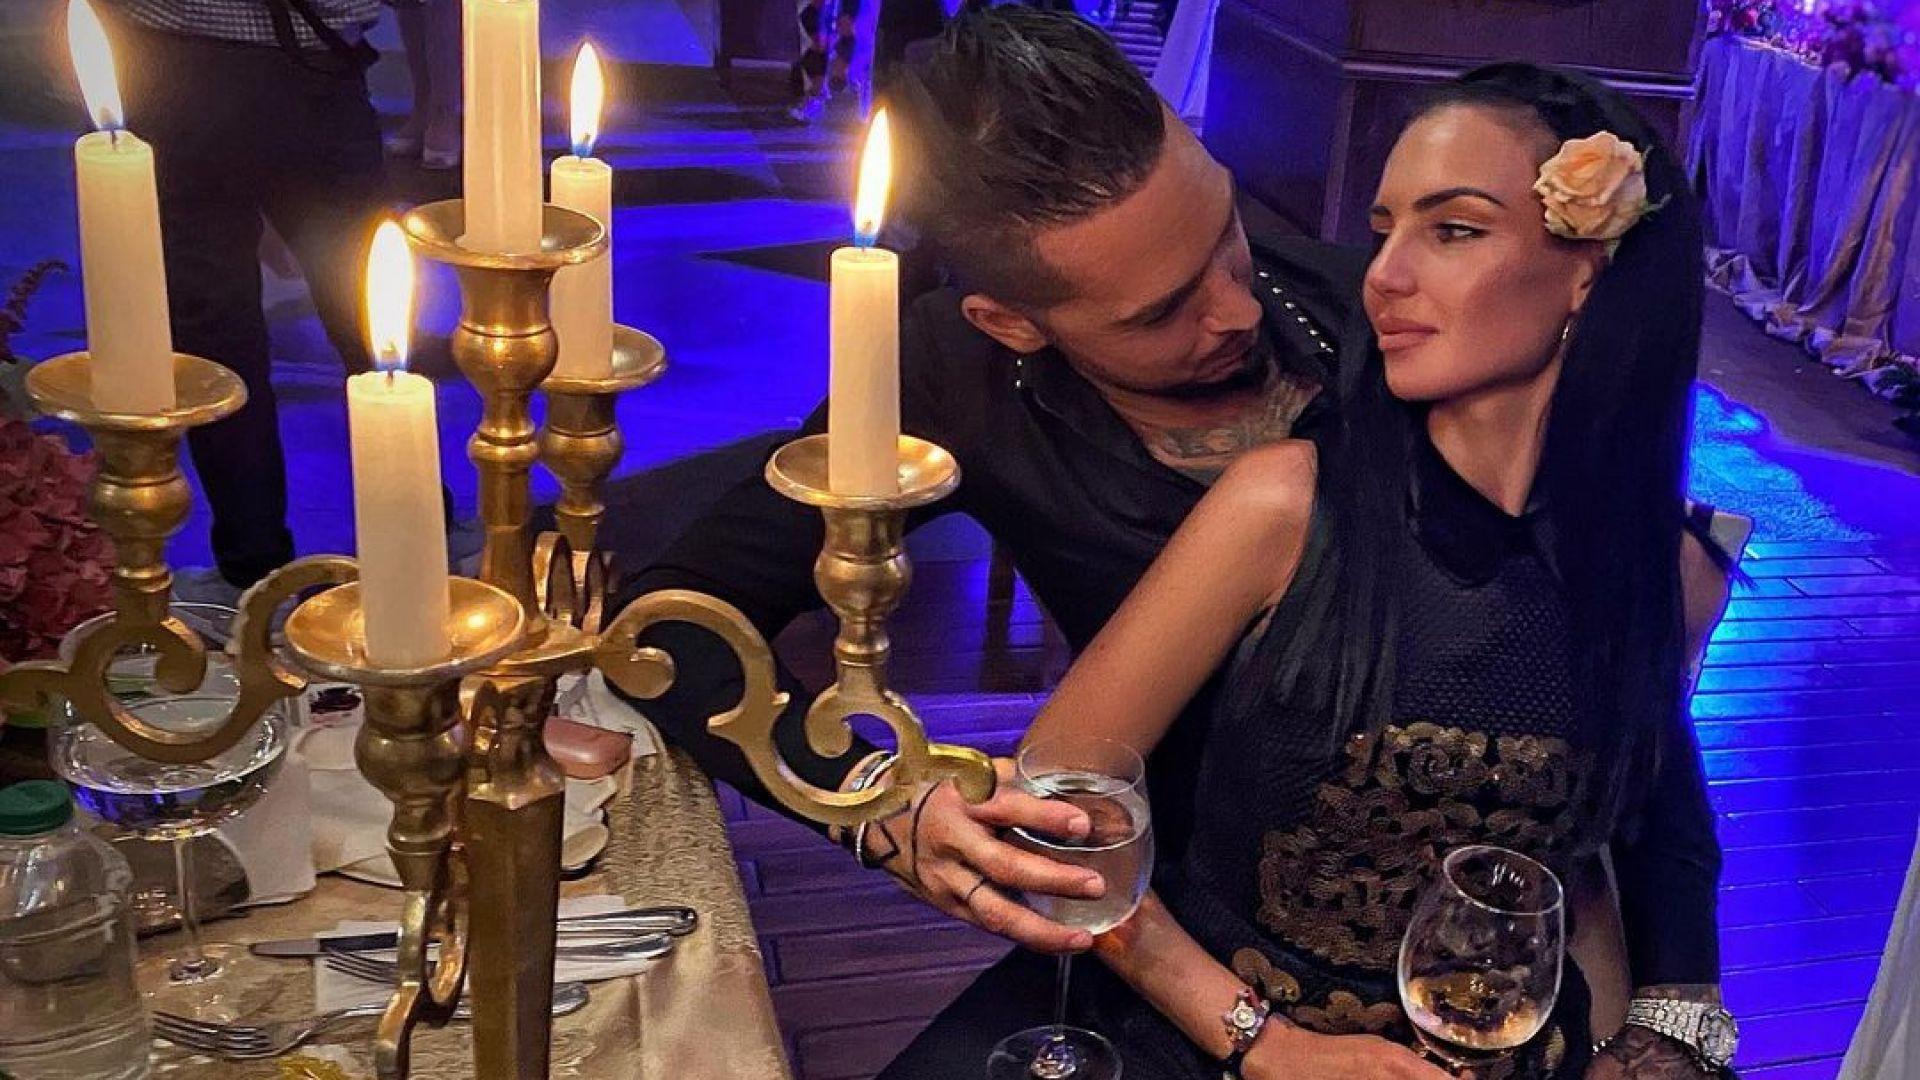 Джино Бианкалана зарадва годеницата си с подарък за 150 хил. лева (снимка)